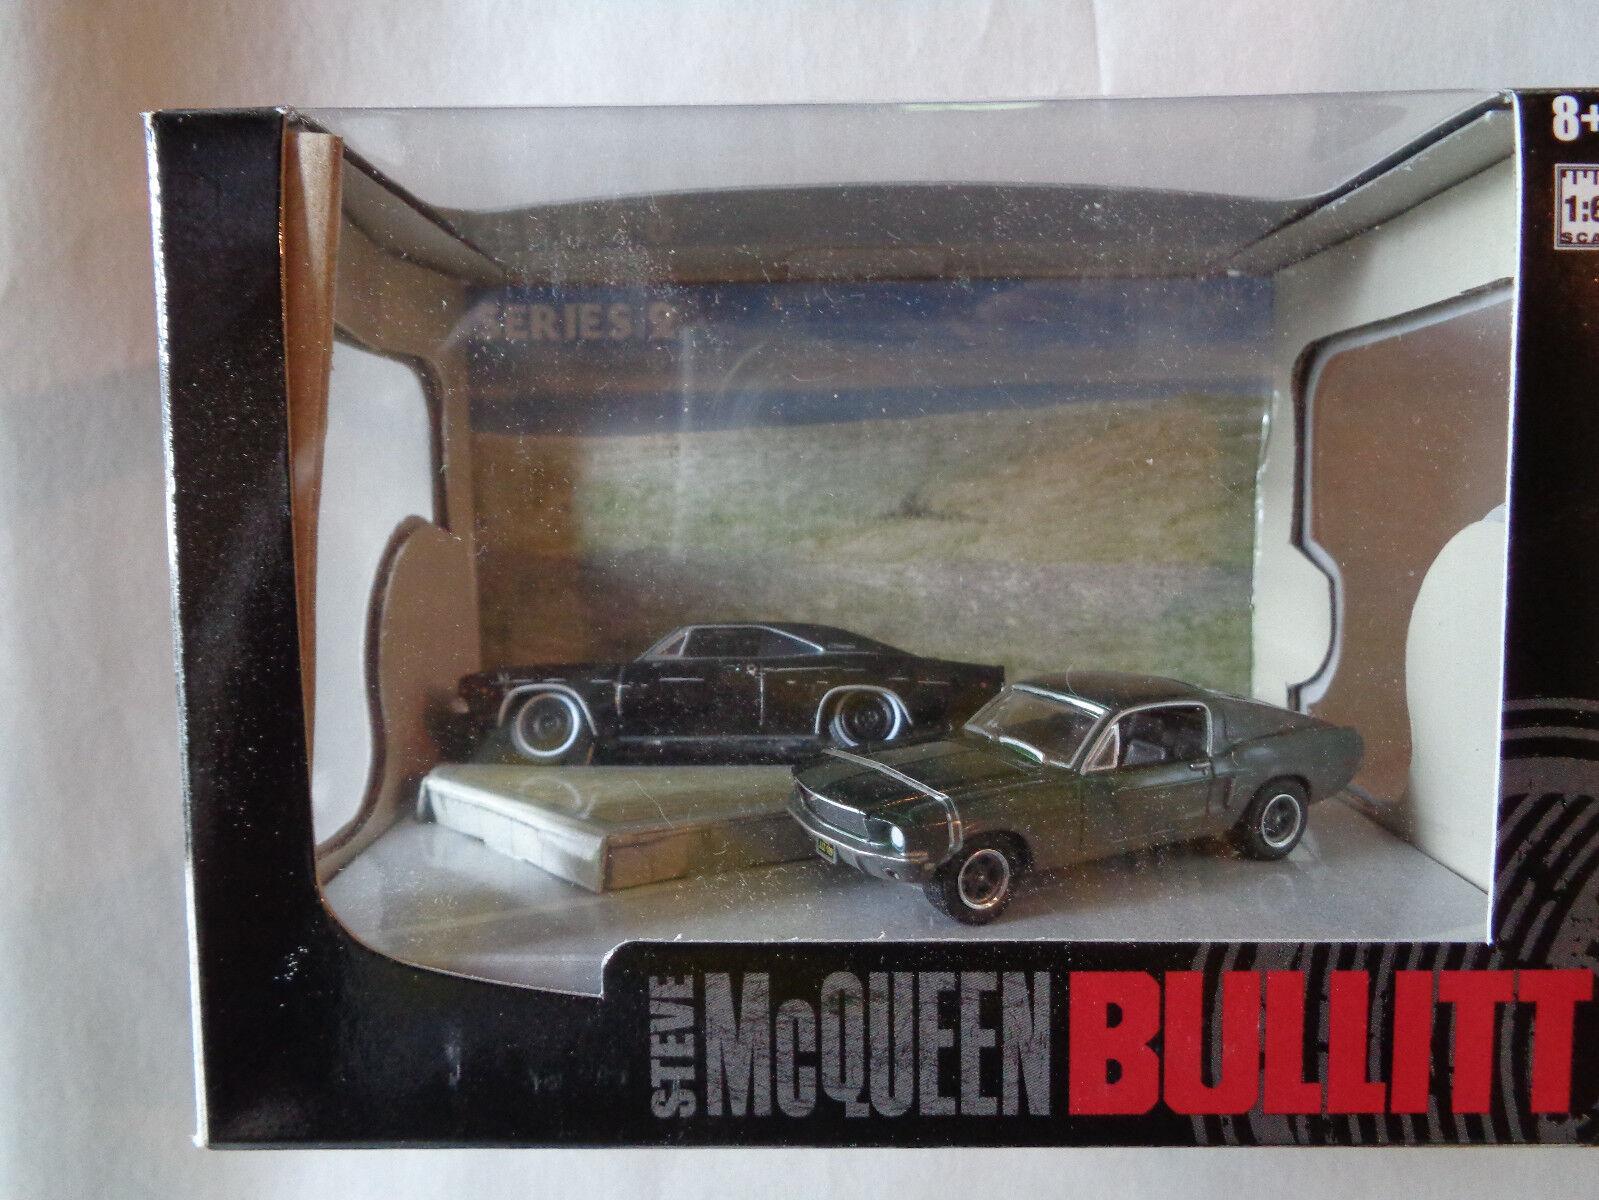 2010 Steve McQueen Bullet 1 64 édition  limitée nouvelle série 2  garanti